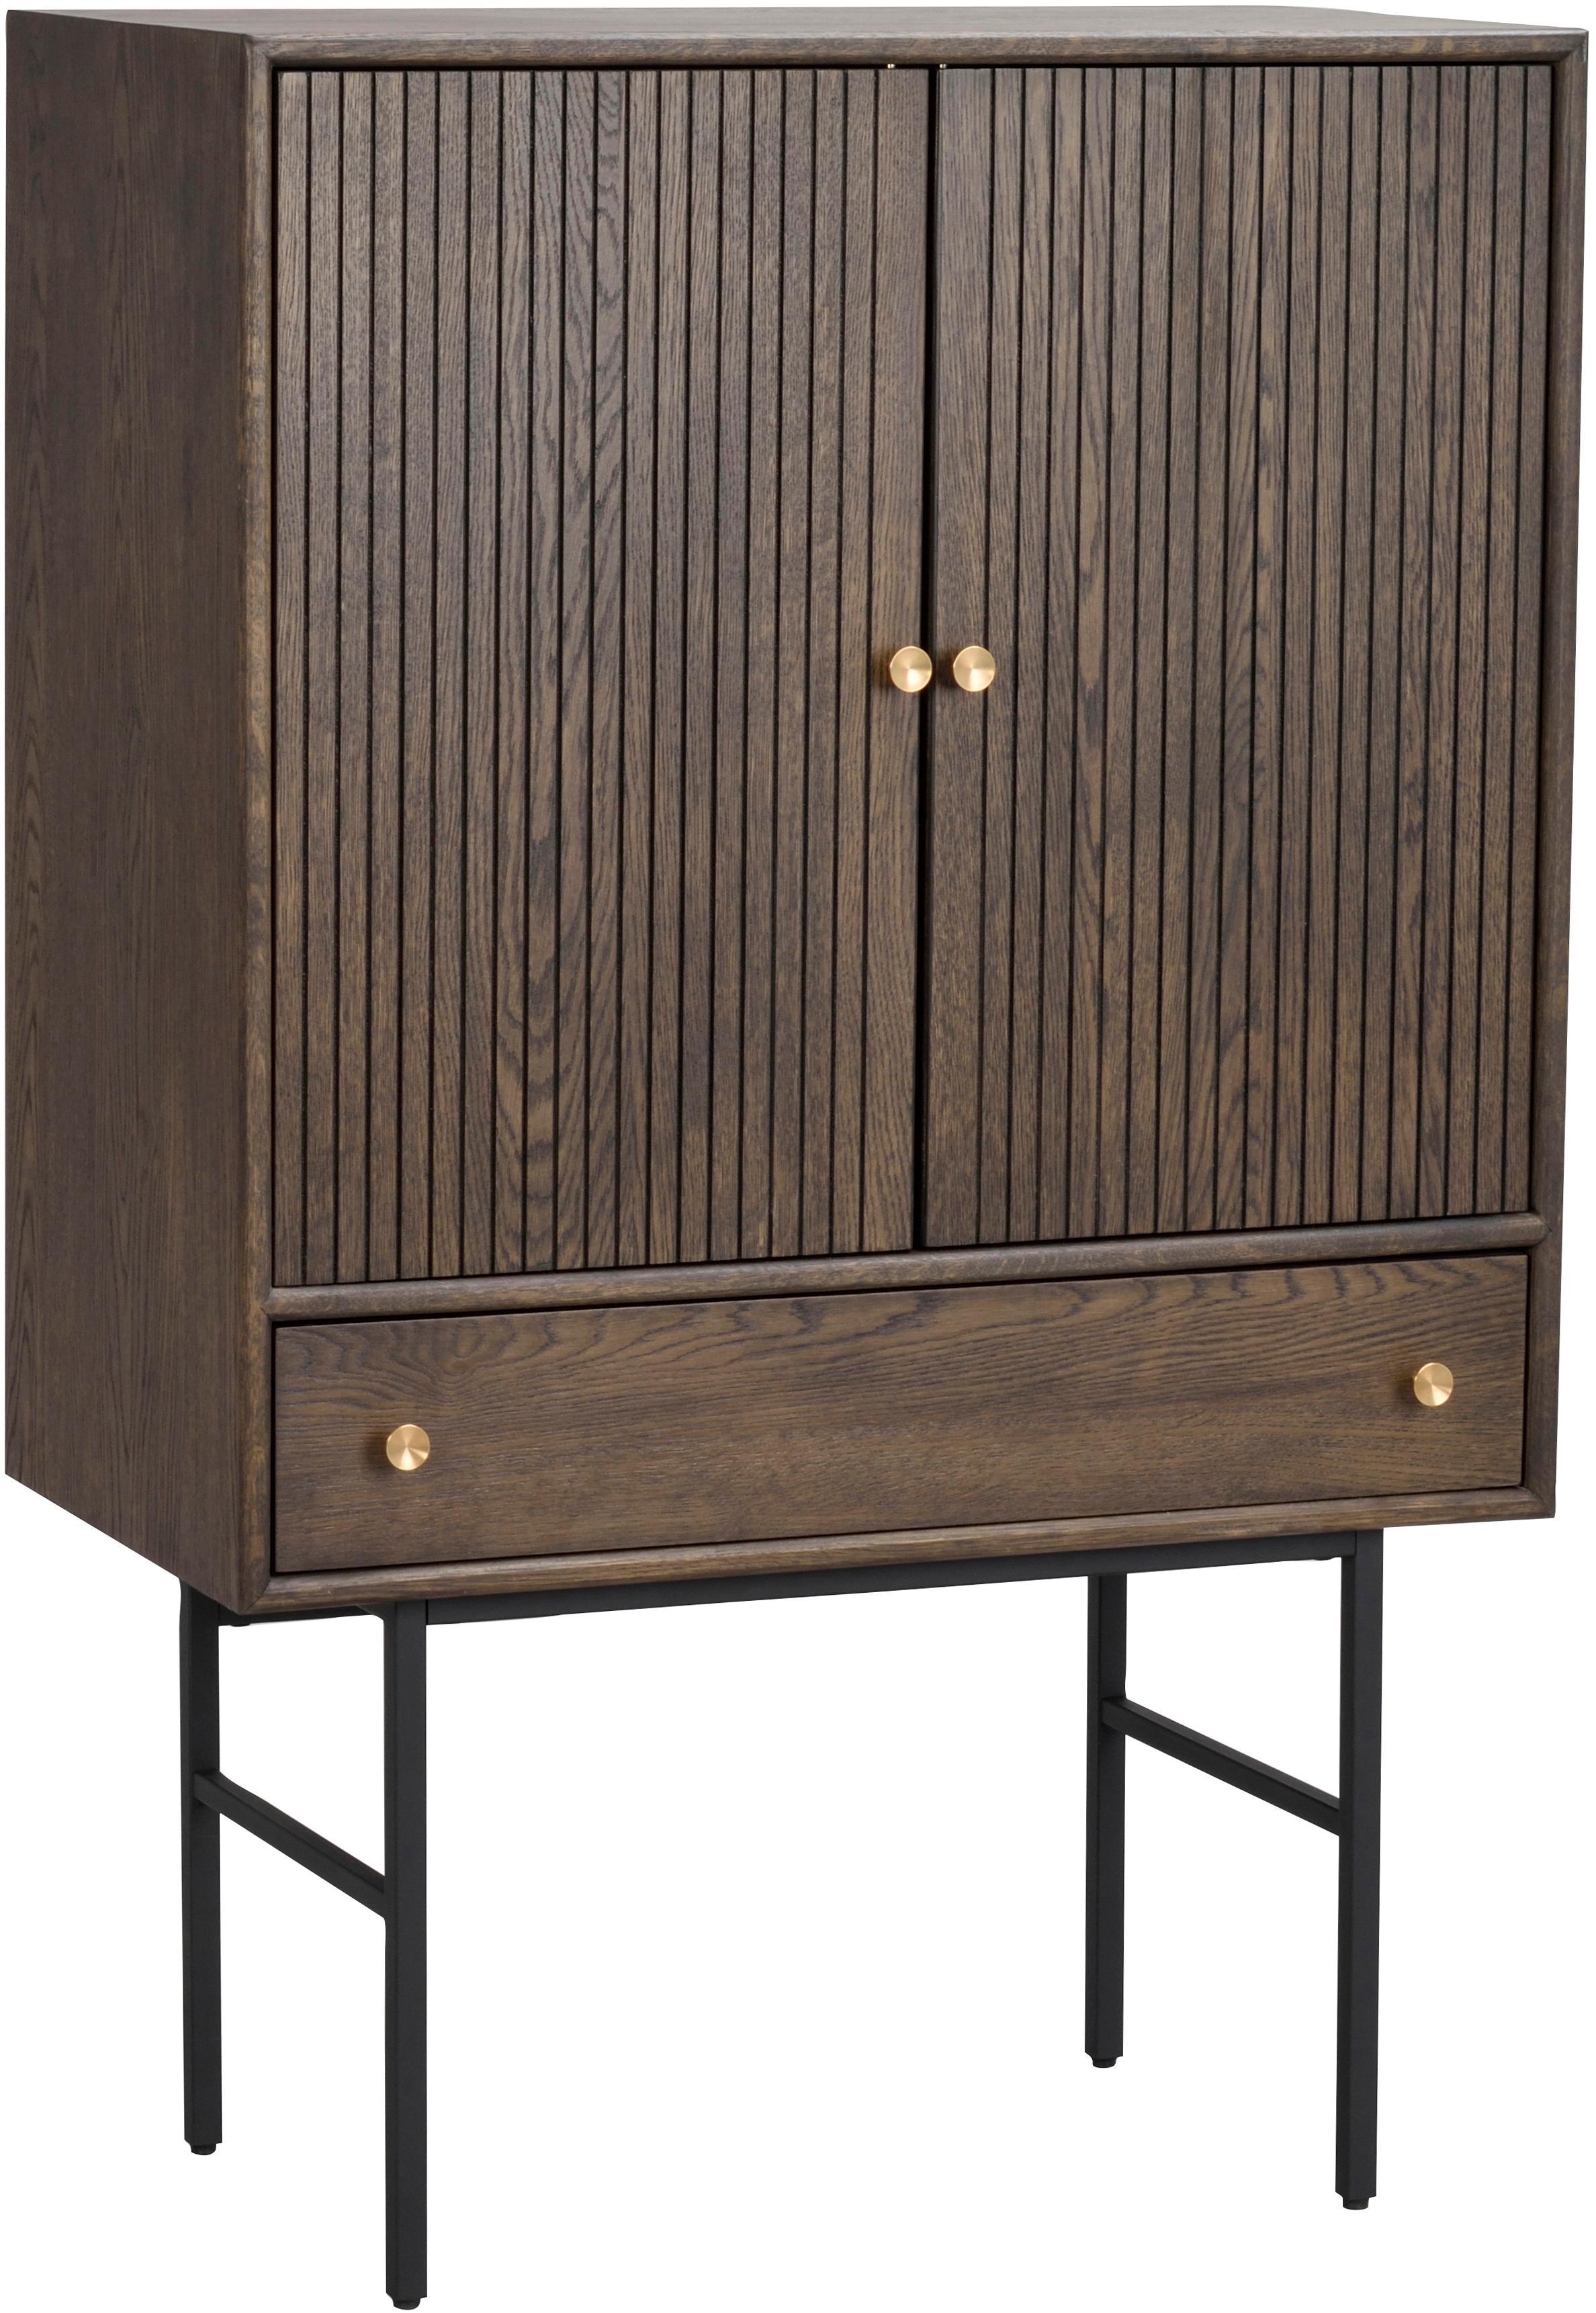 Credenza alta con 2 ante Clearbrook, Gambe: metallo verniciato a polv, Marrone, nero, Larg. 79 x Alt. 125 cm